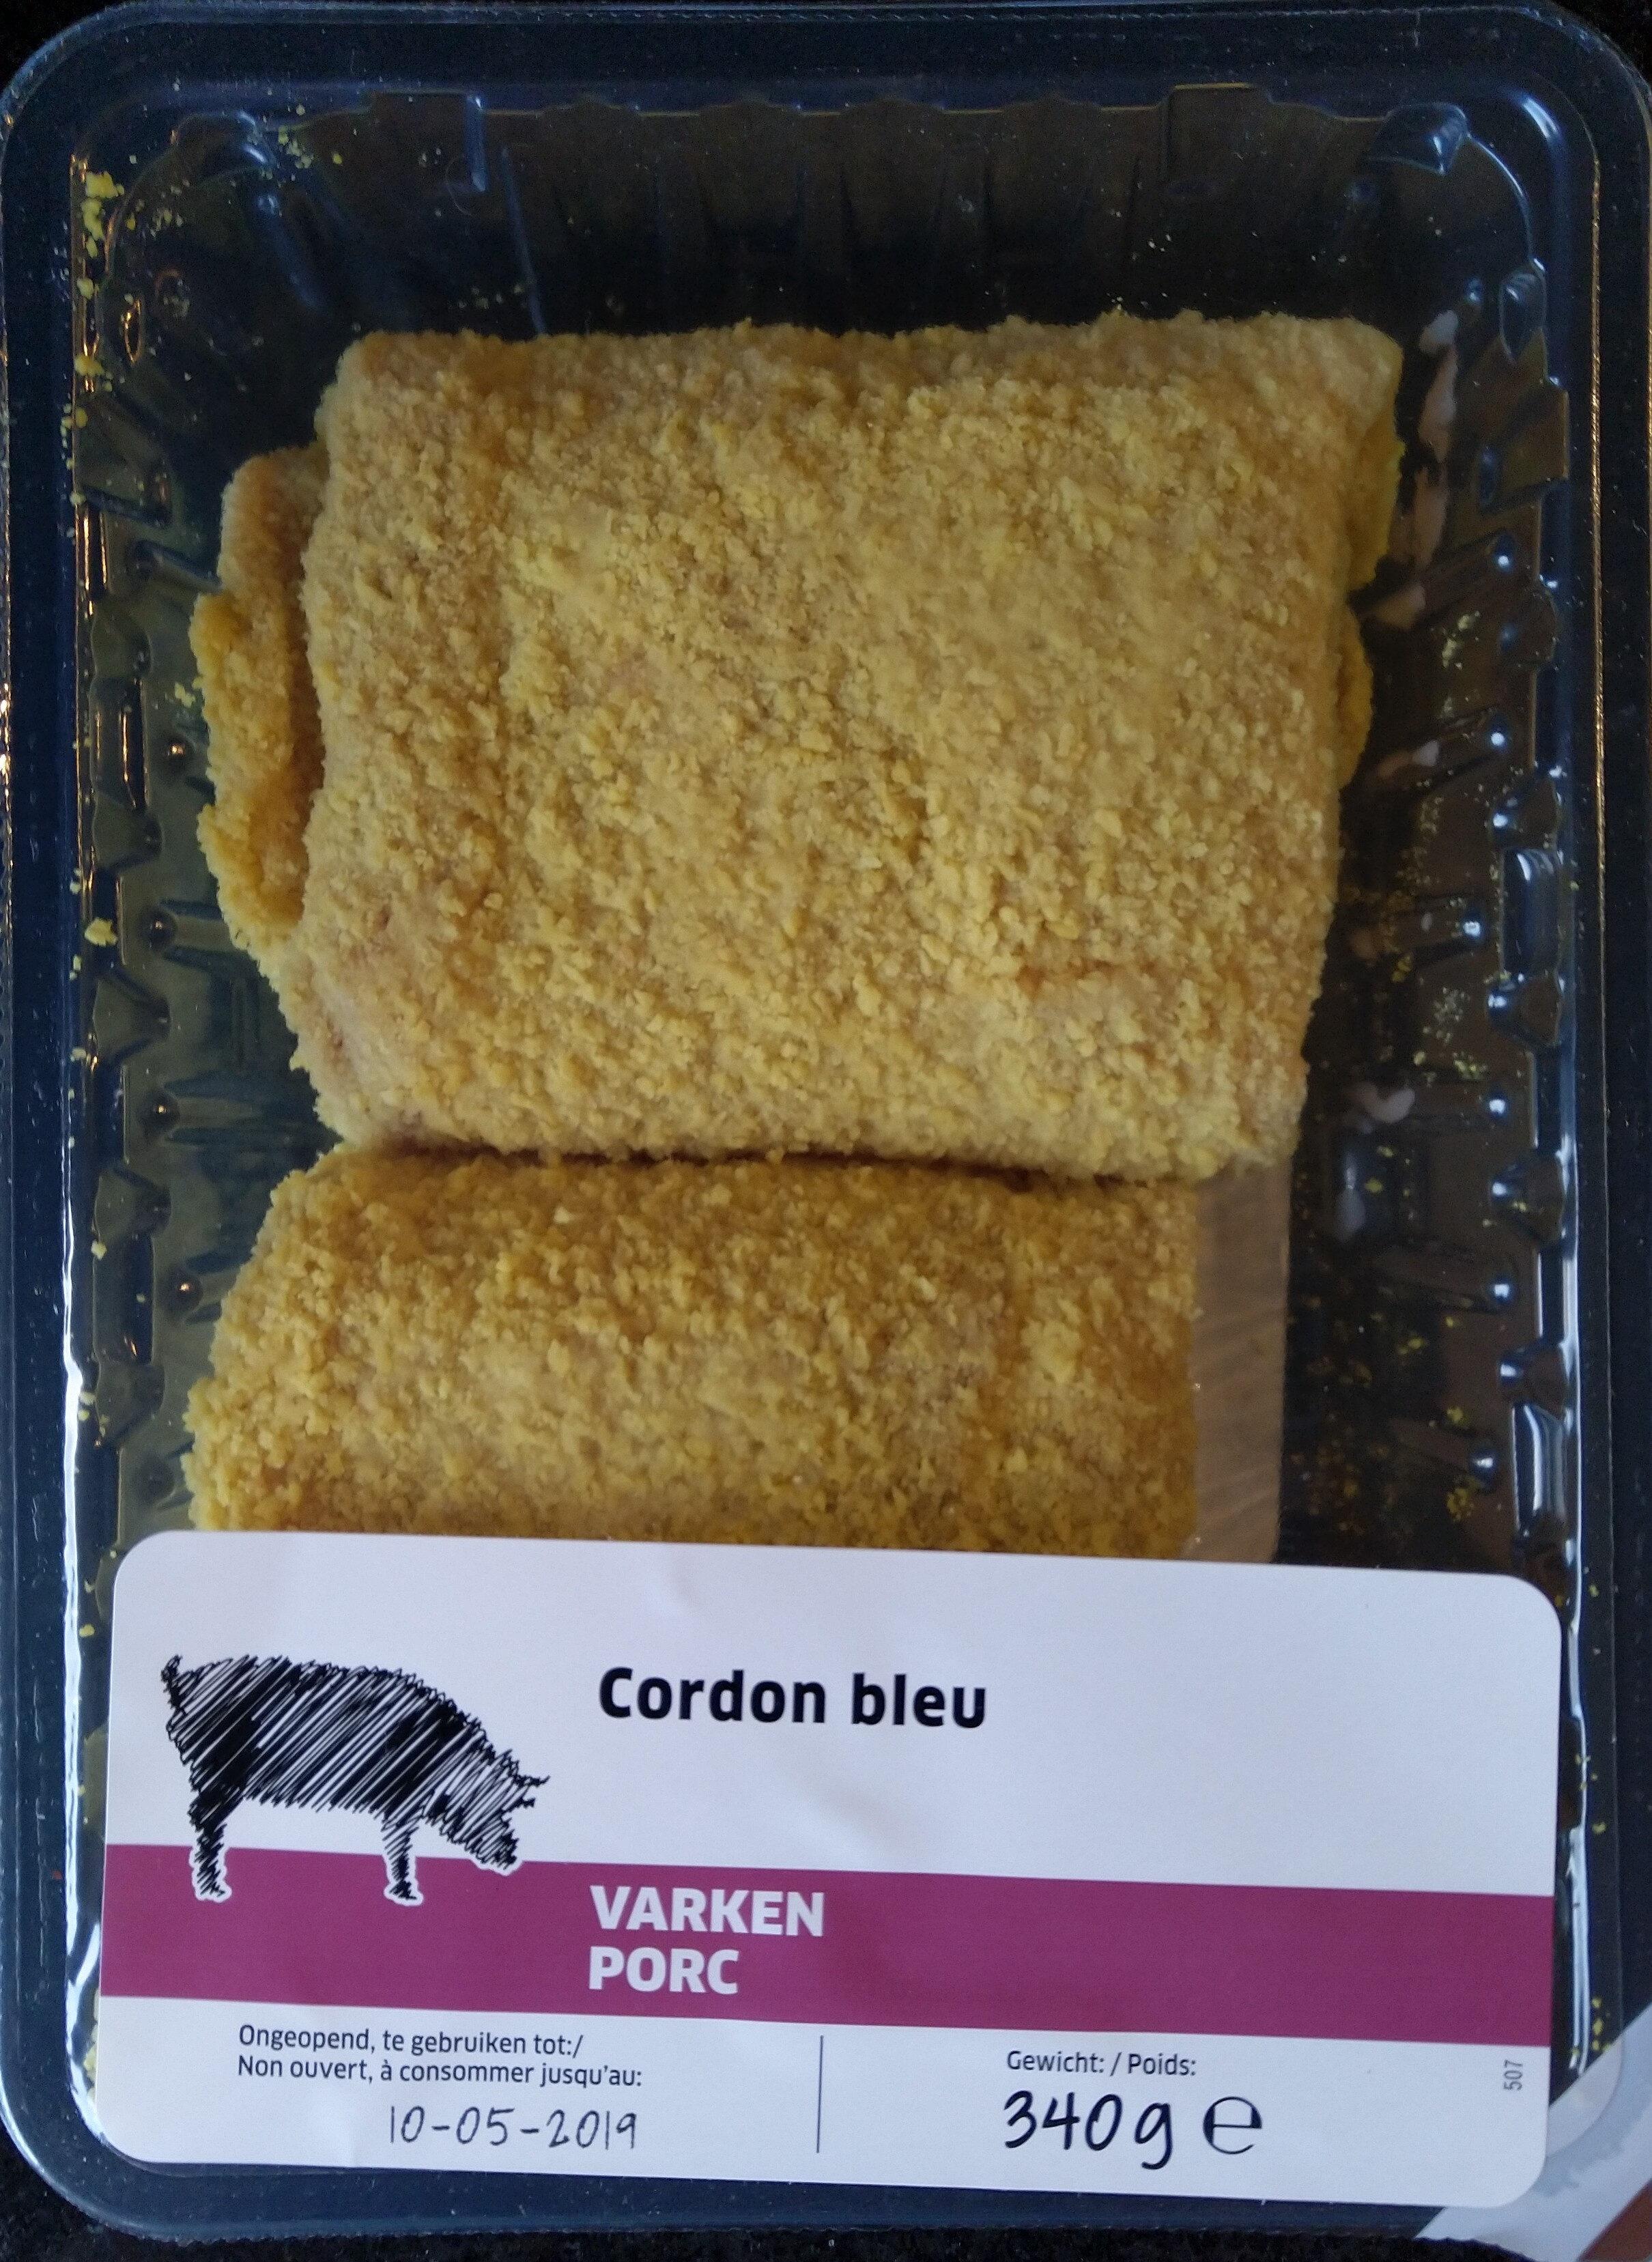 Cordon bleu de porc - Product - fr